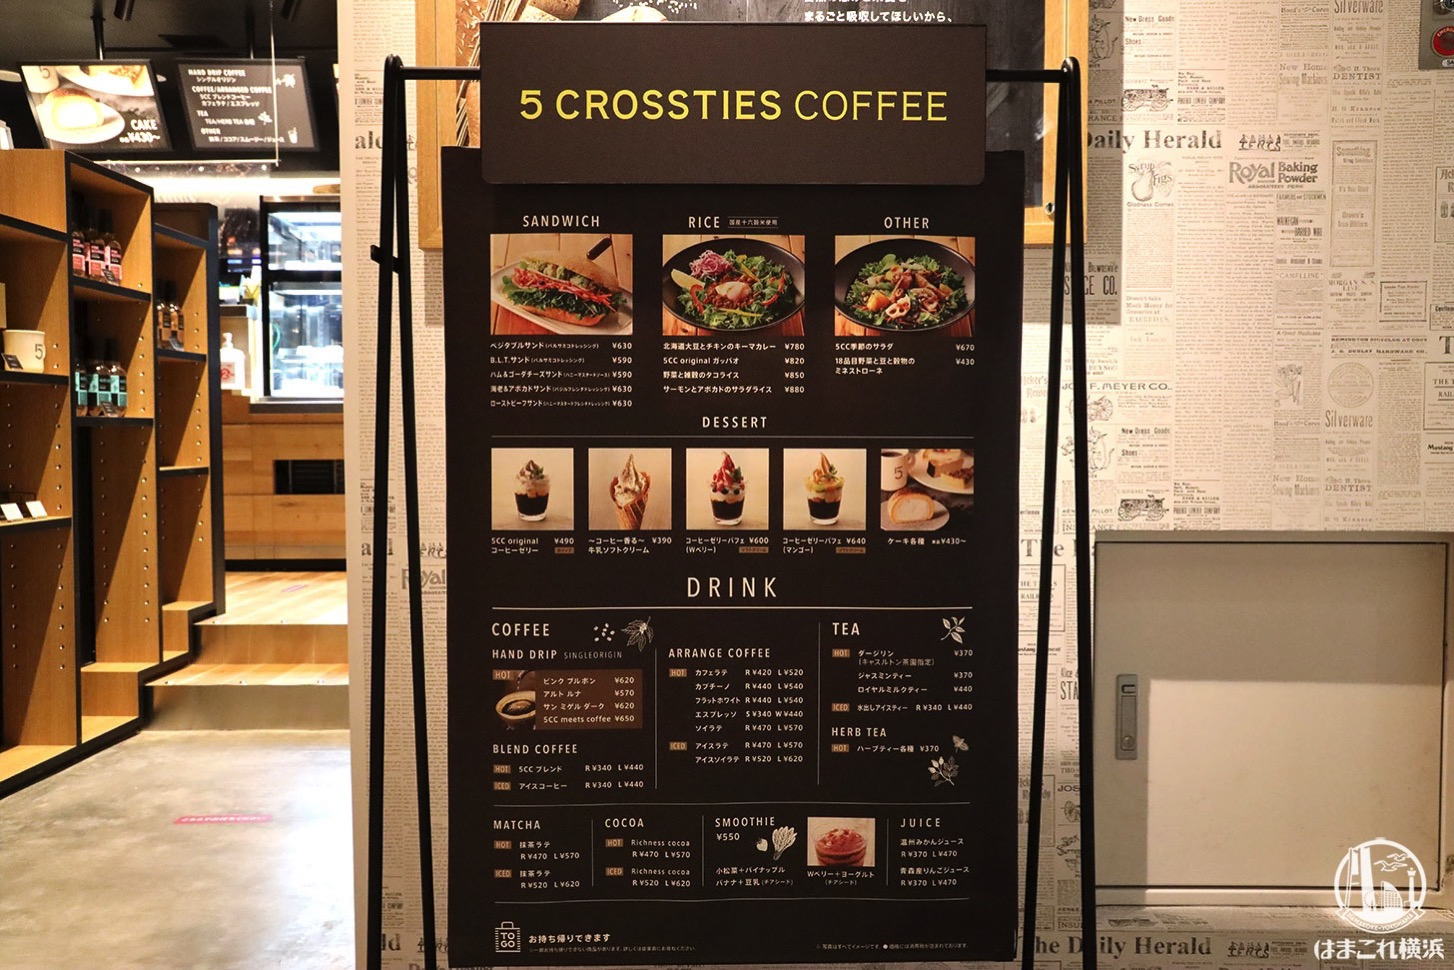 カフェ「5 CROSSTIES COFFEE」メニュー